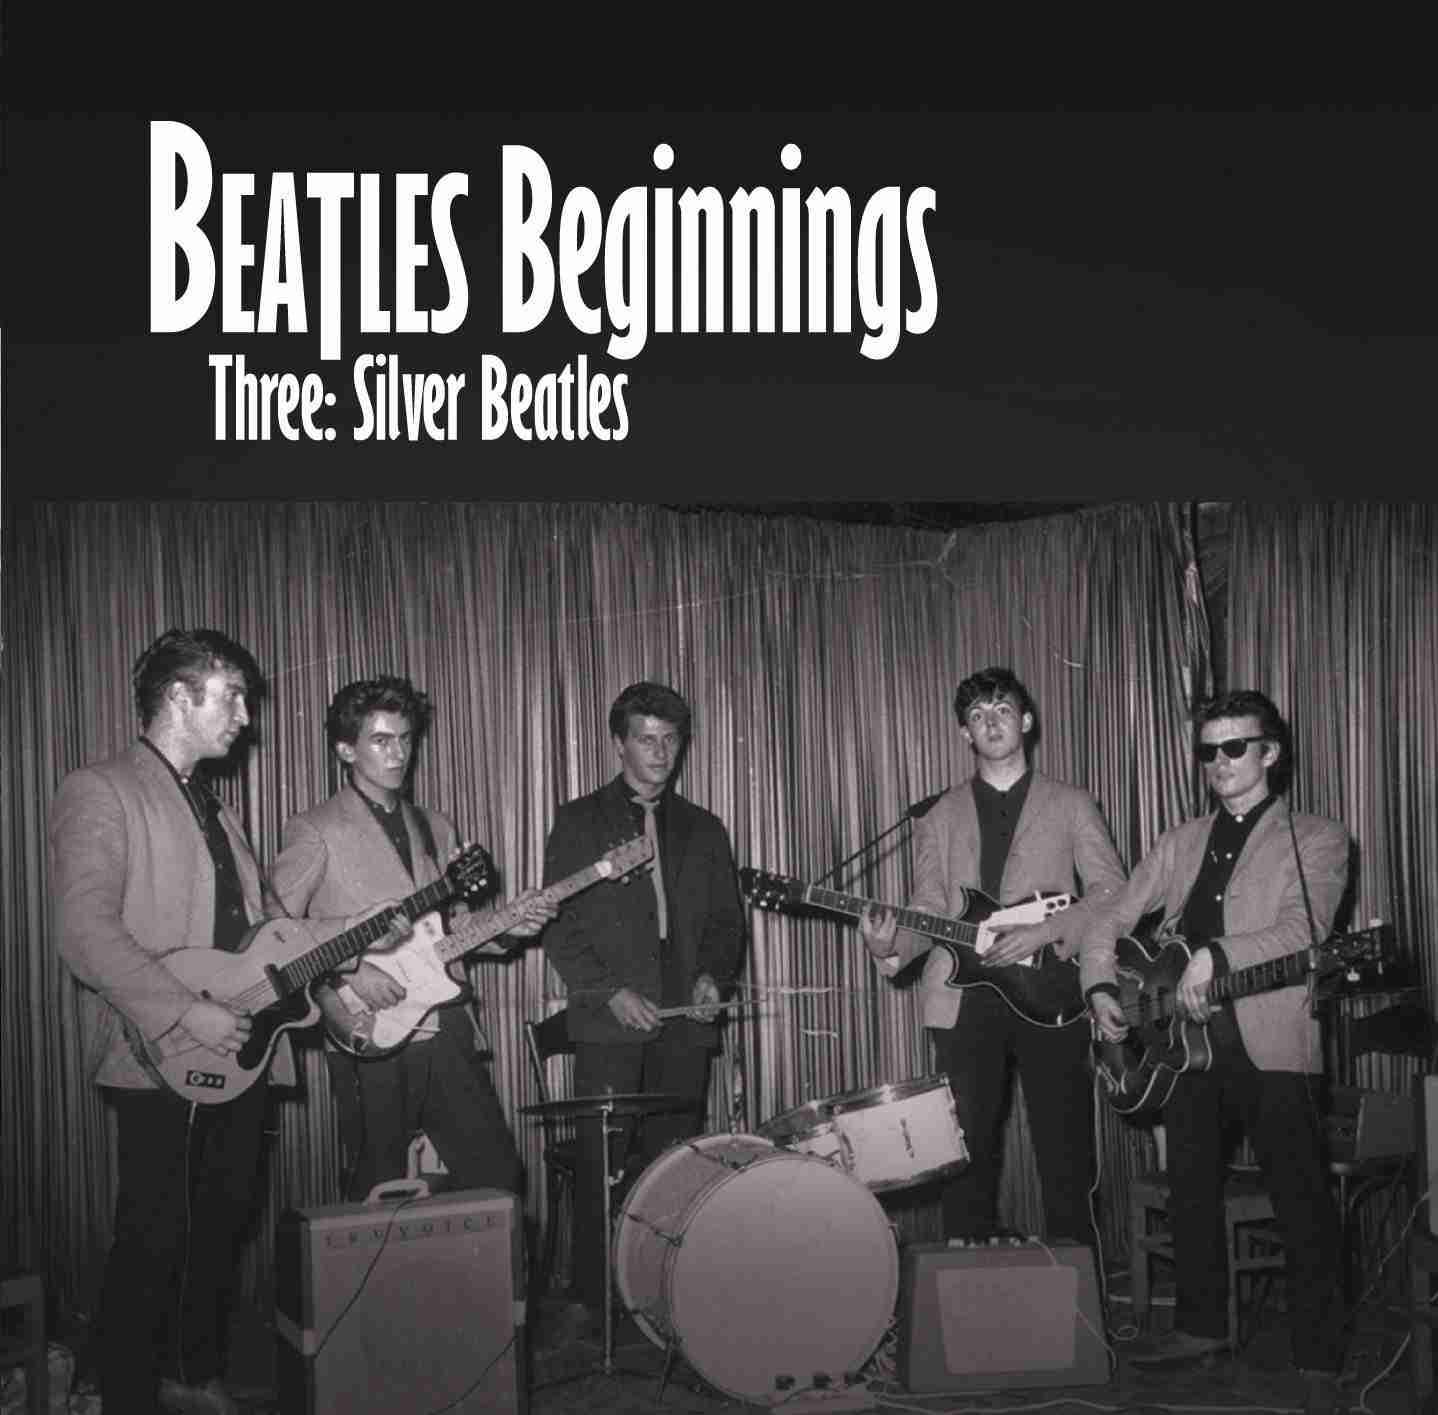 Beatles Beginnings Volume Three: Silver Beatles